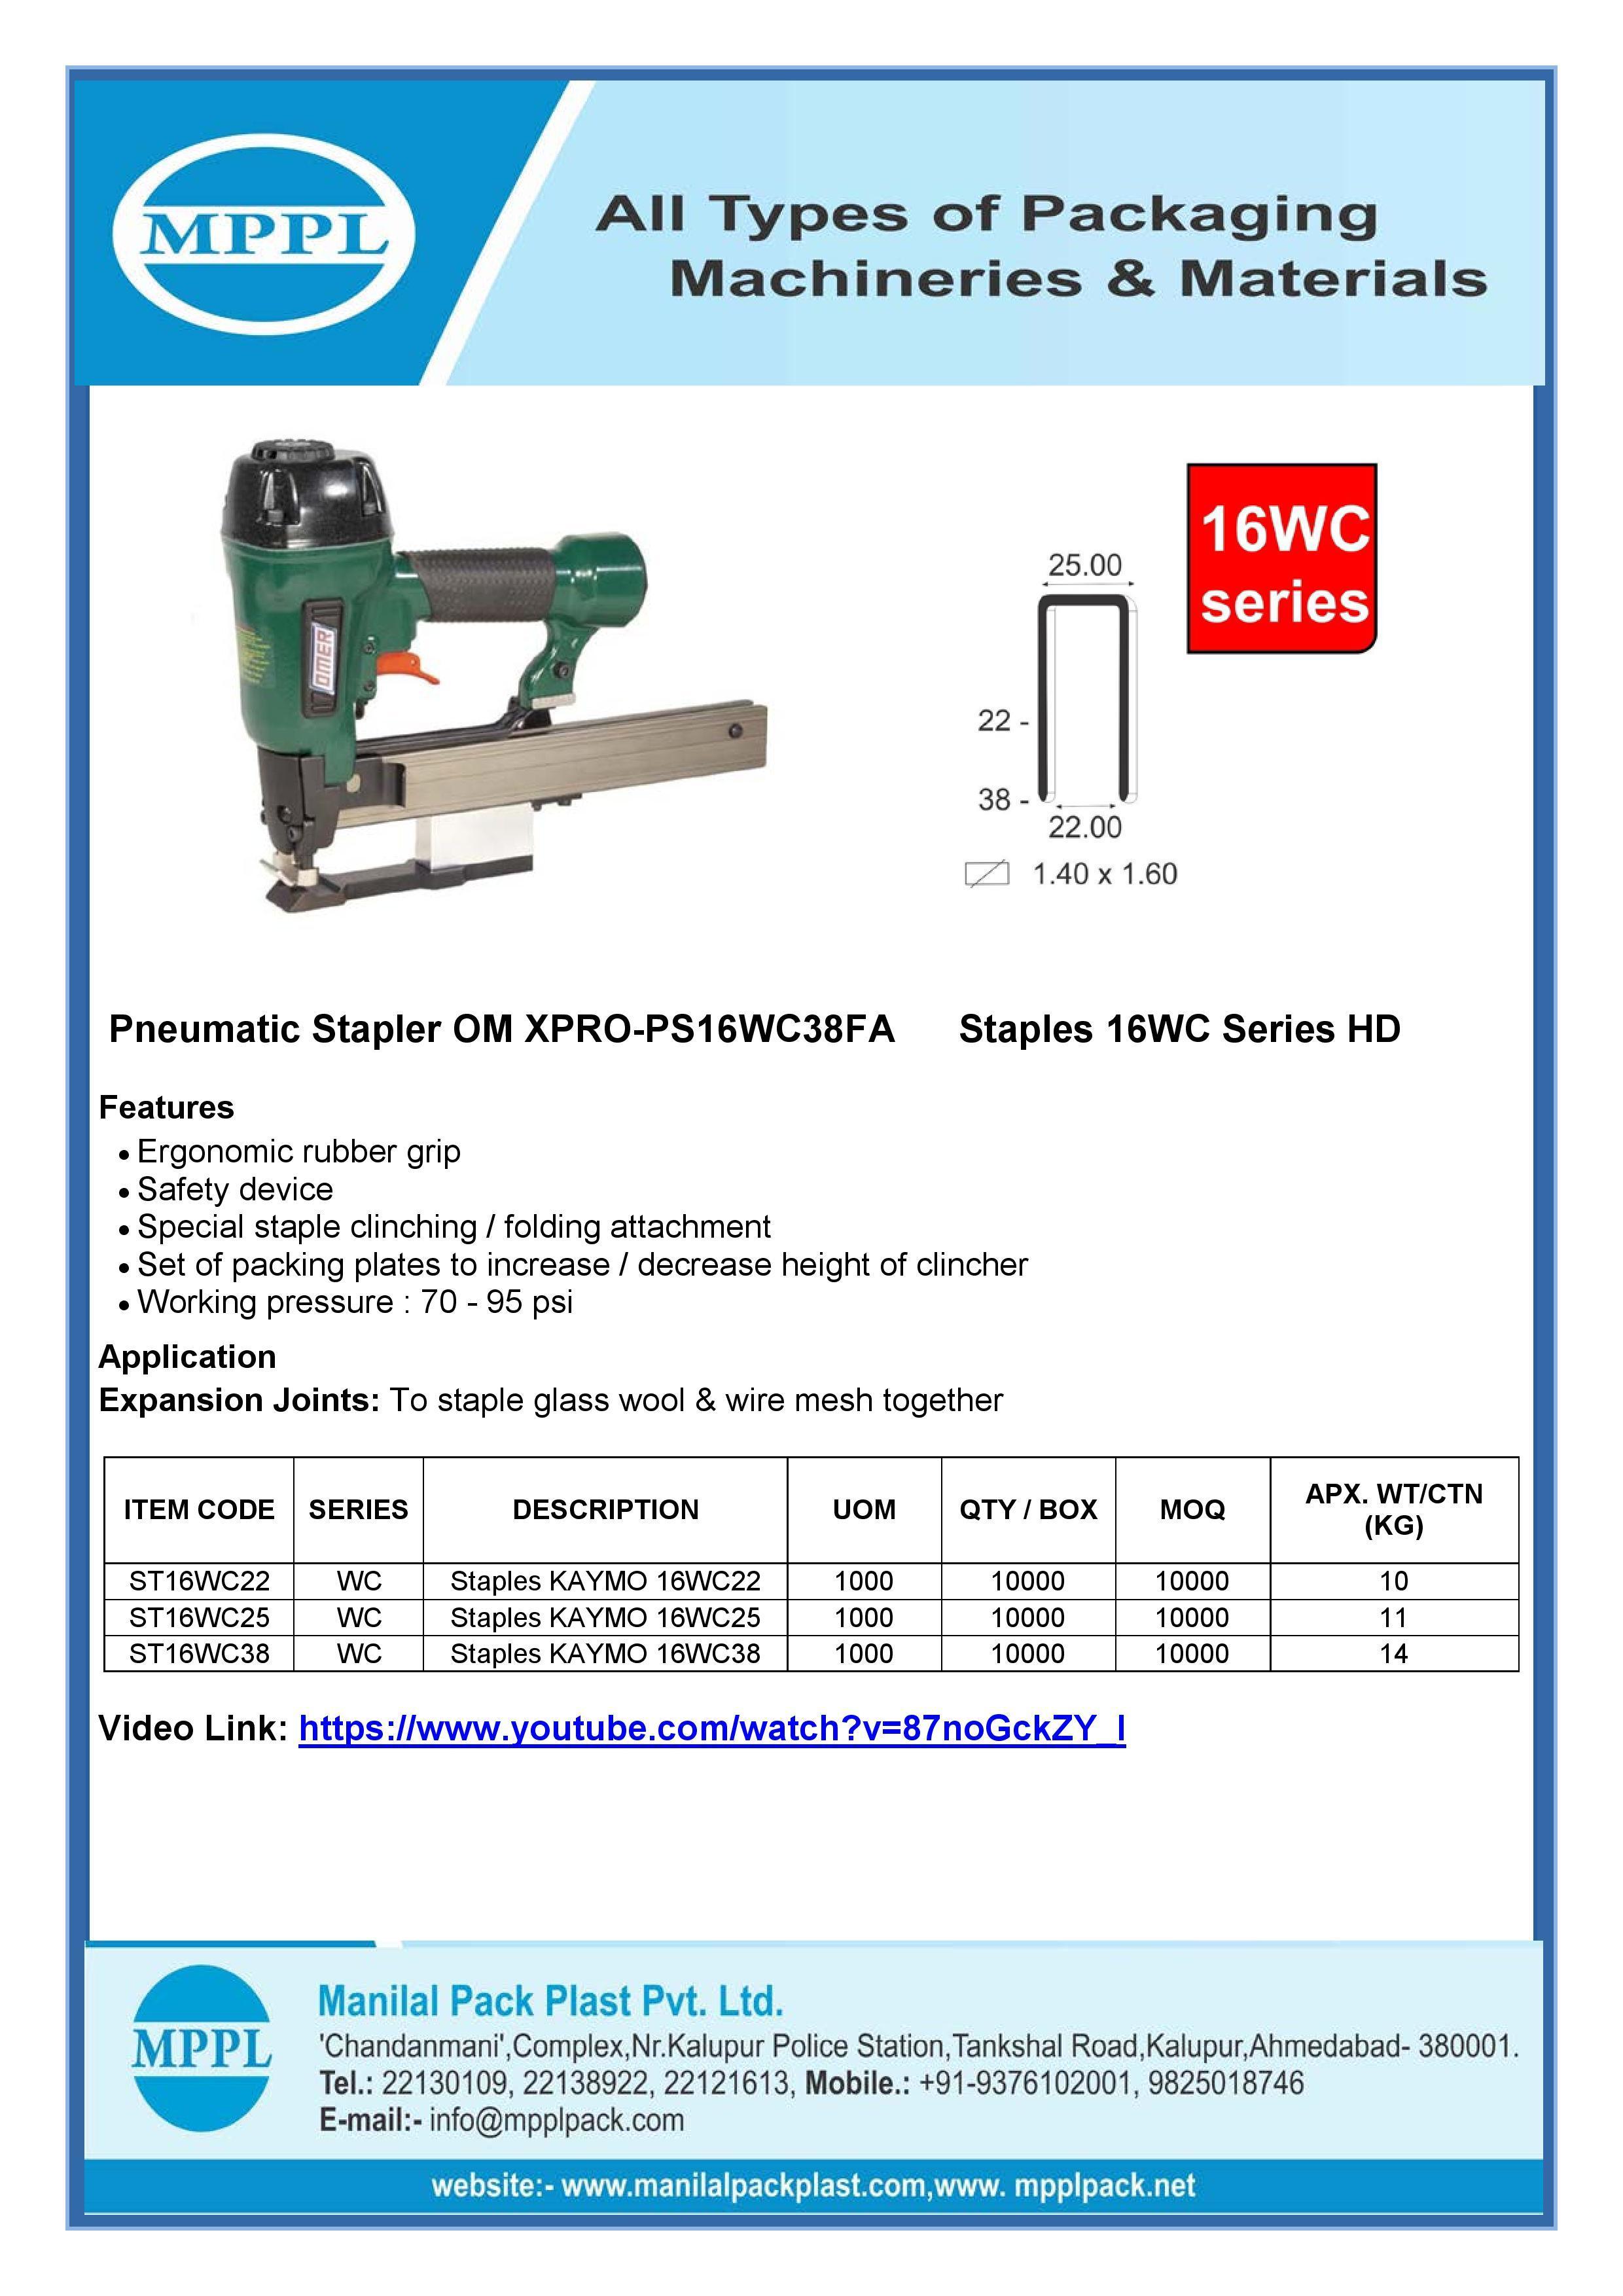 Pneumatic Stapler OM XPRO-PS16WC38FA